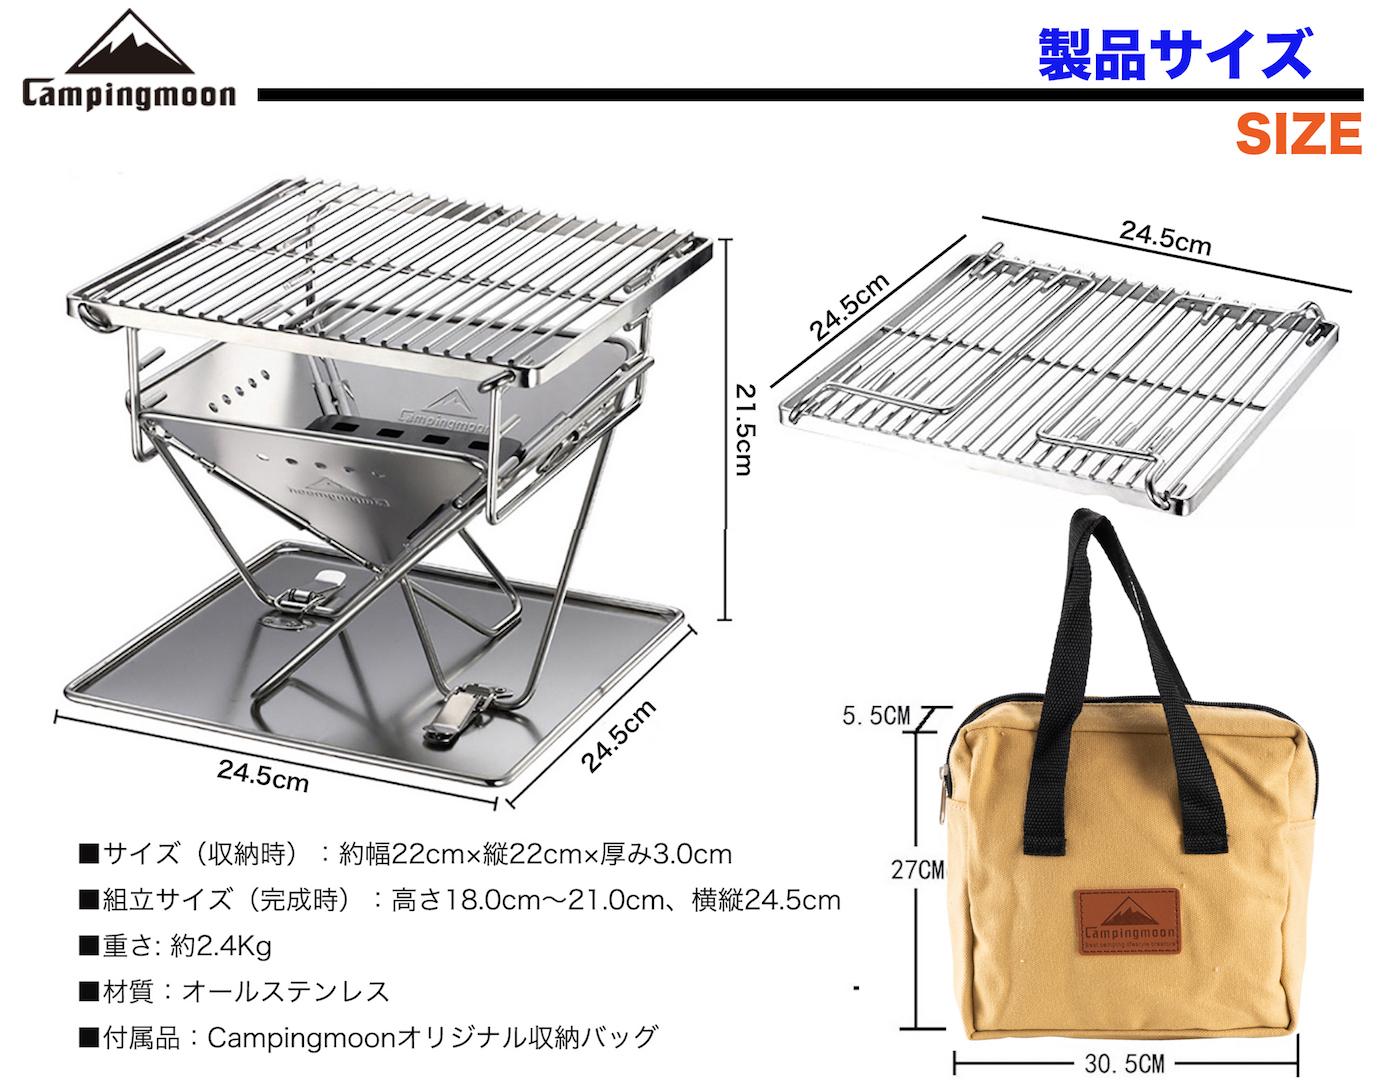 焚き火台 卓上バーベキューコンロ XS 2-3人用 X-MINI-Pro.